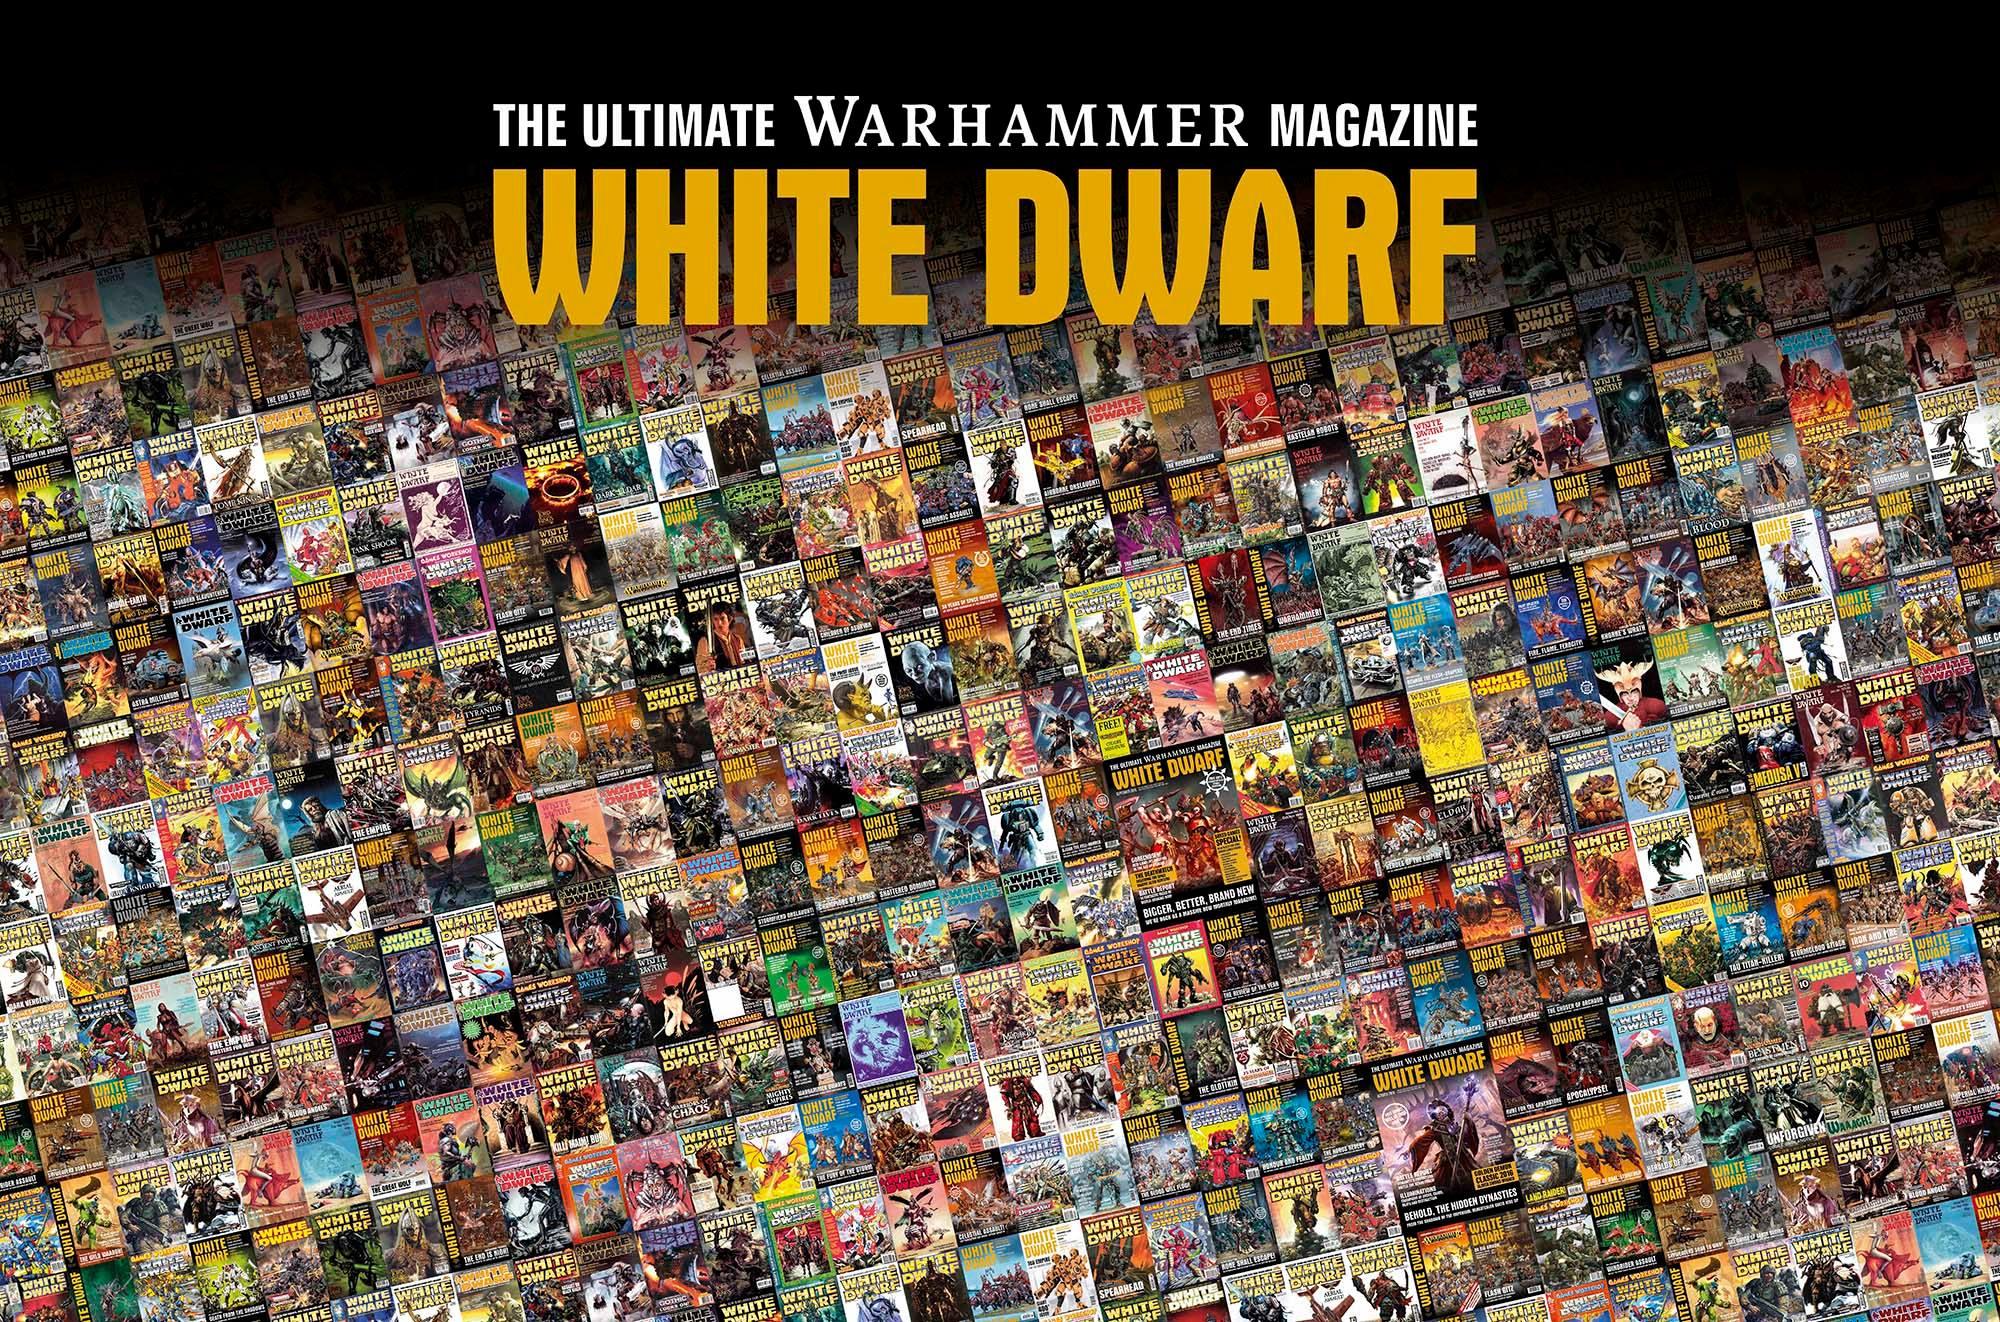 White Dwarf Turns 40